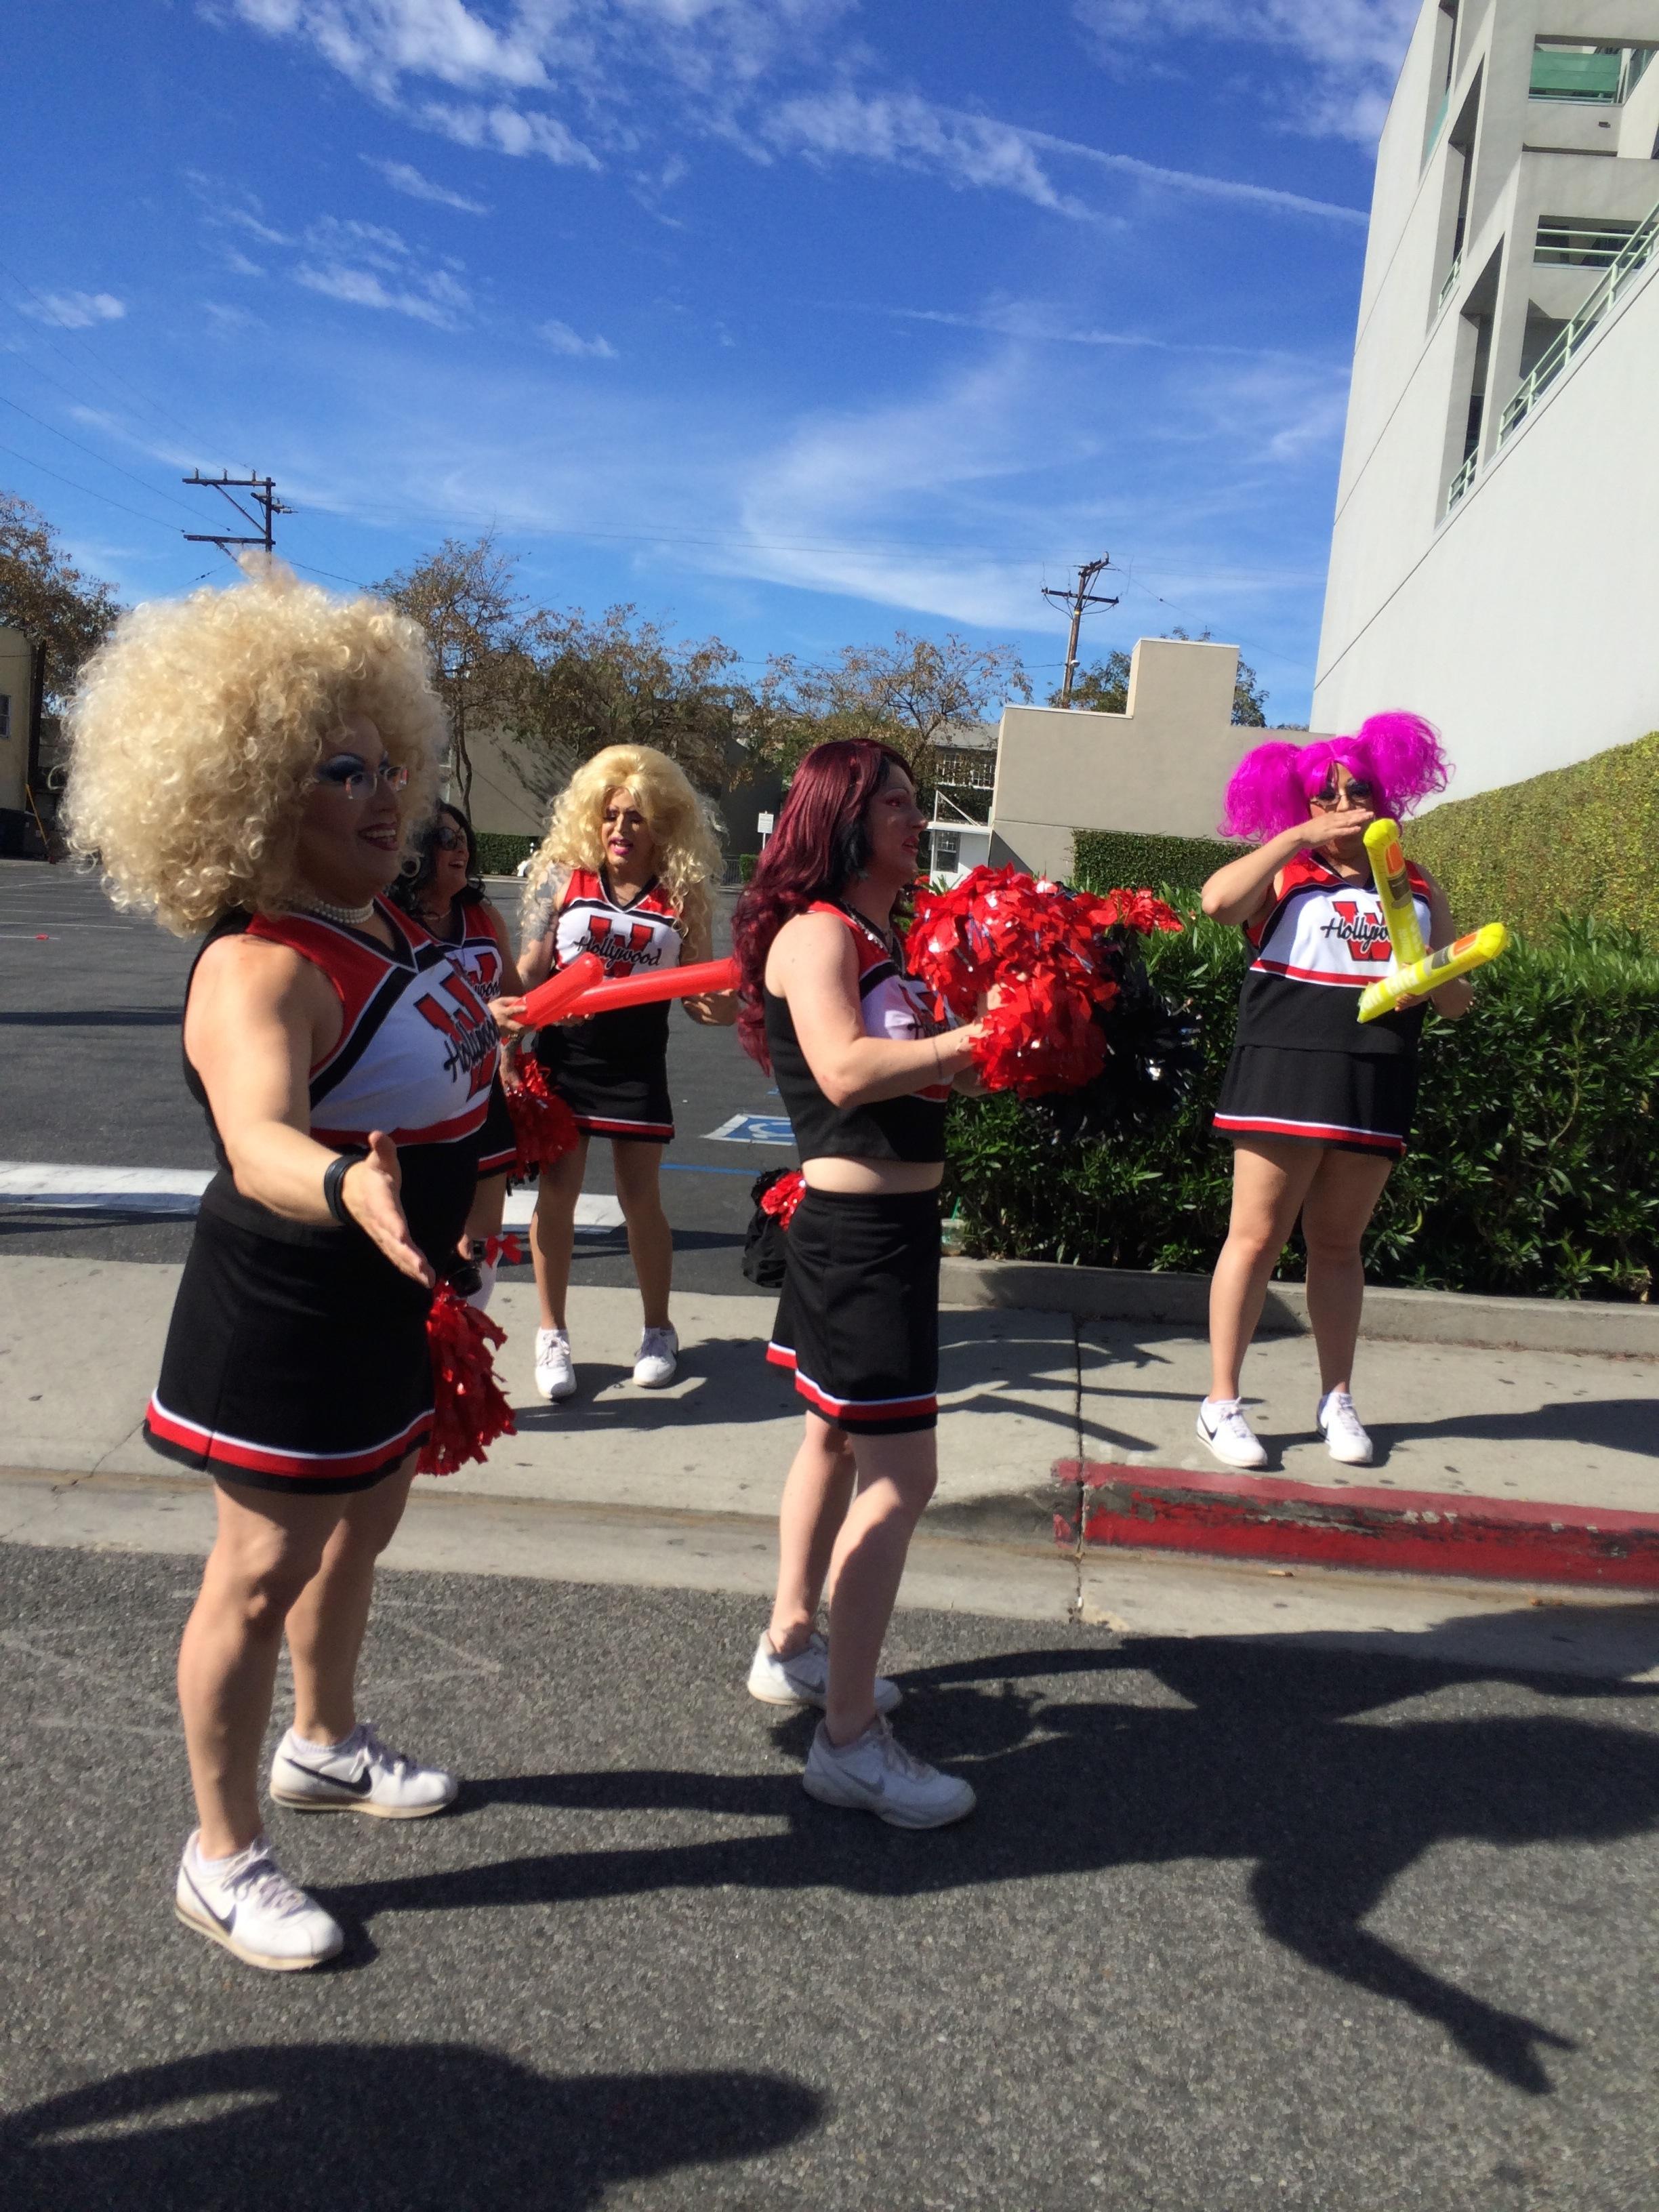 LA-Marathon-West-Hollywood-Cheerleaders